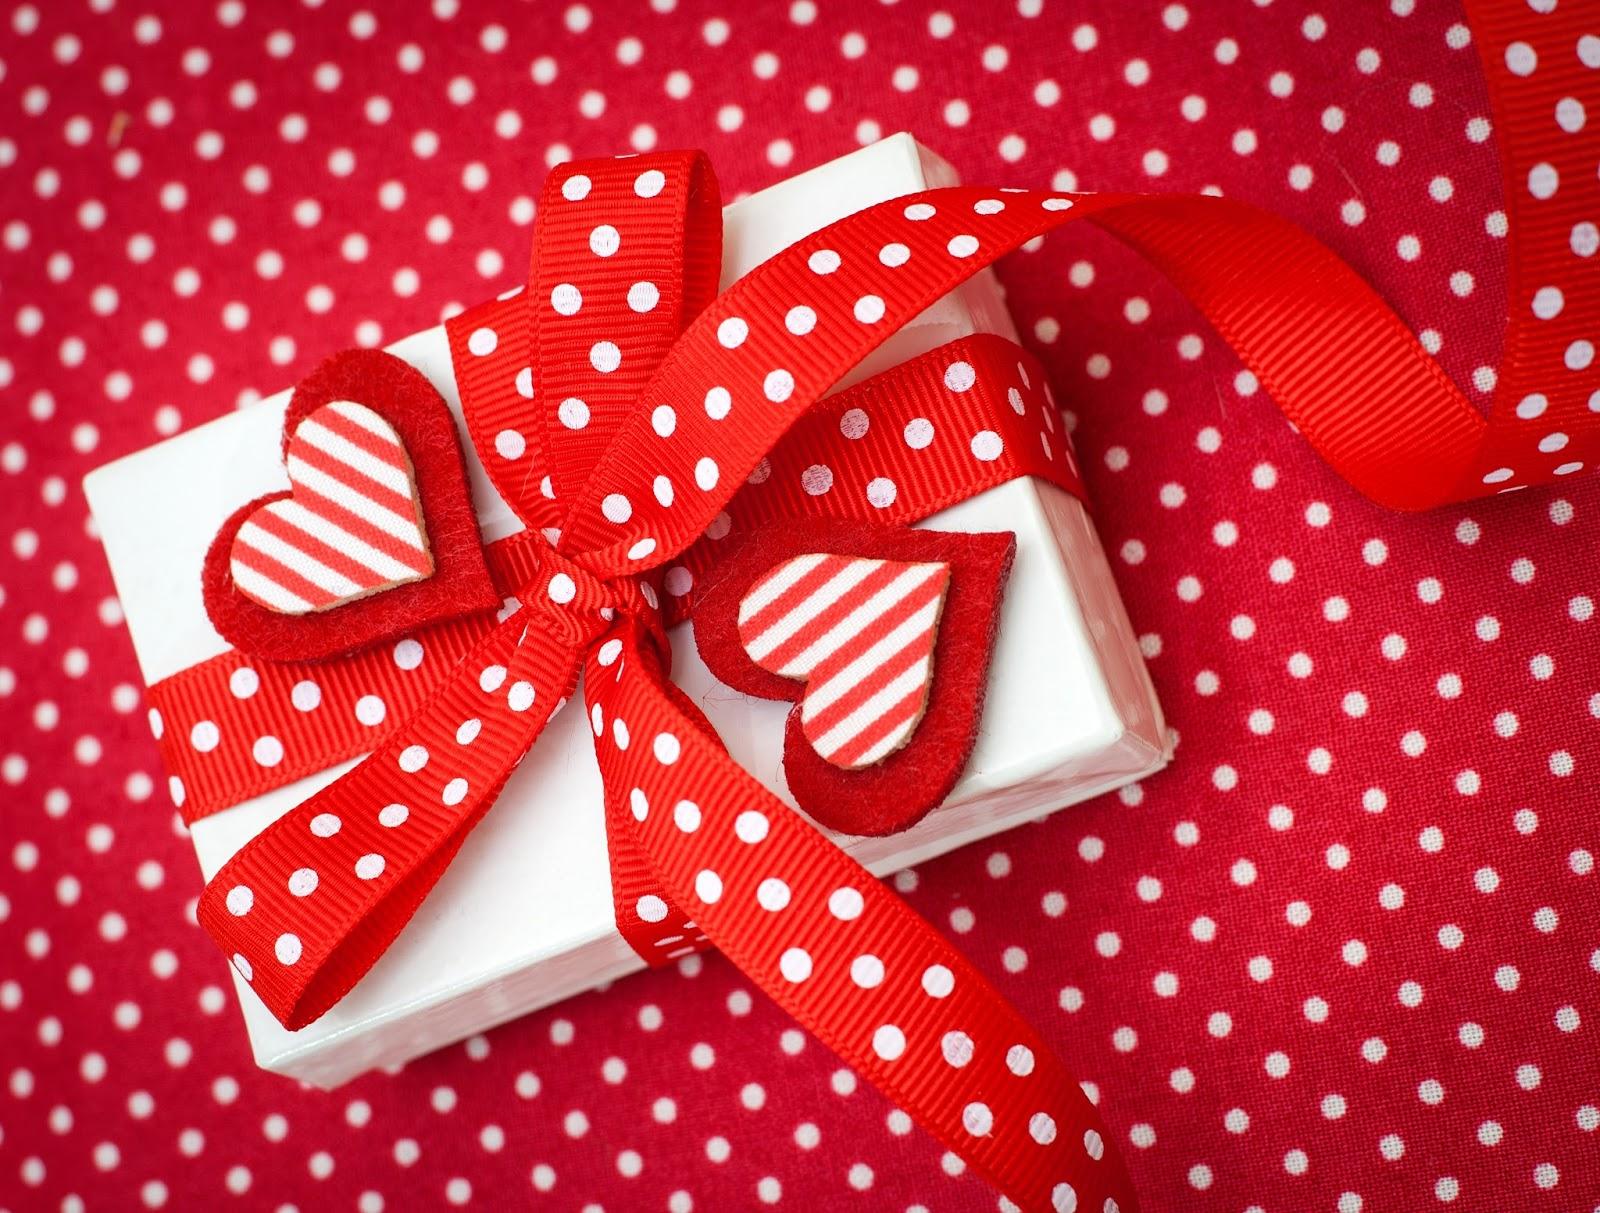 Imagenes De San Valentine - Imagenes Bonitas para Facebook Amor y Amistad